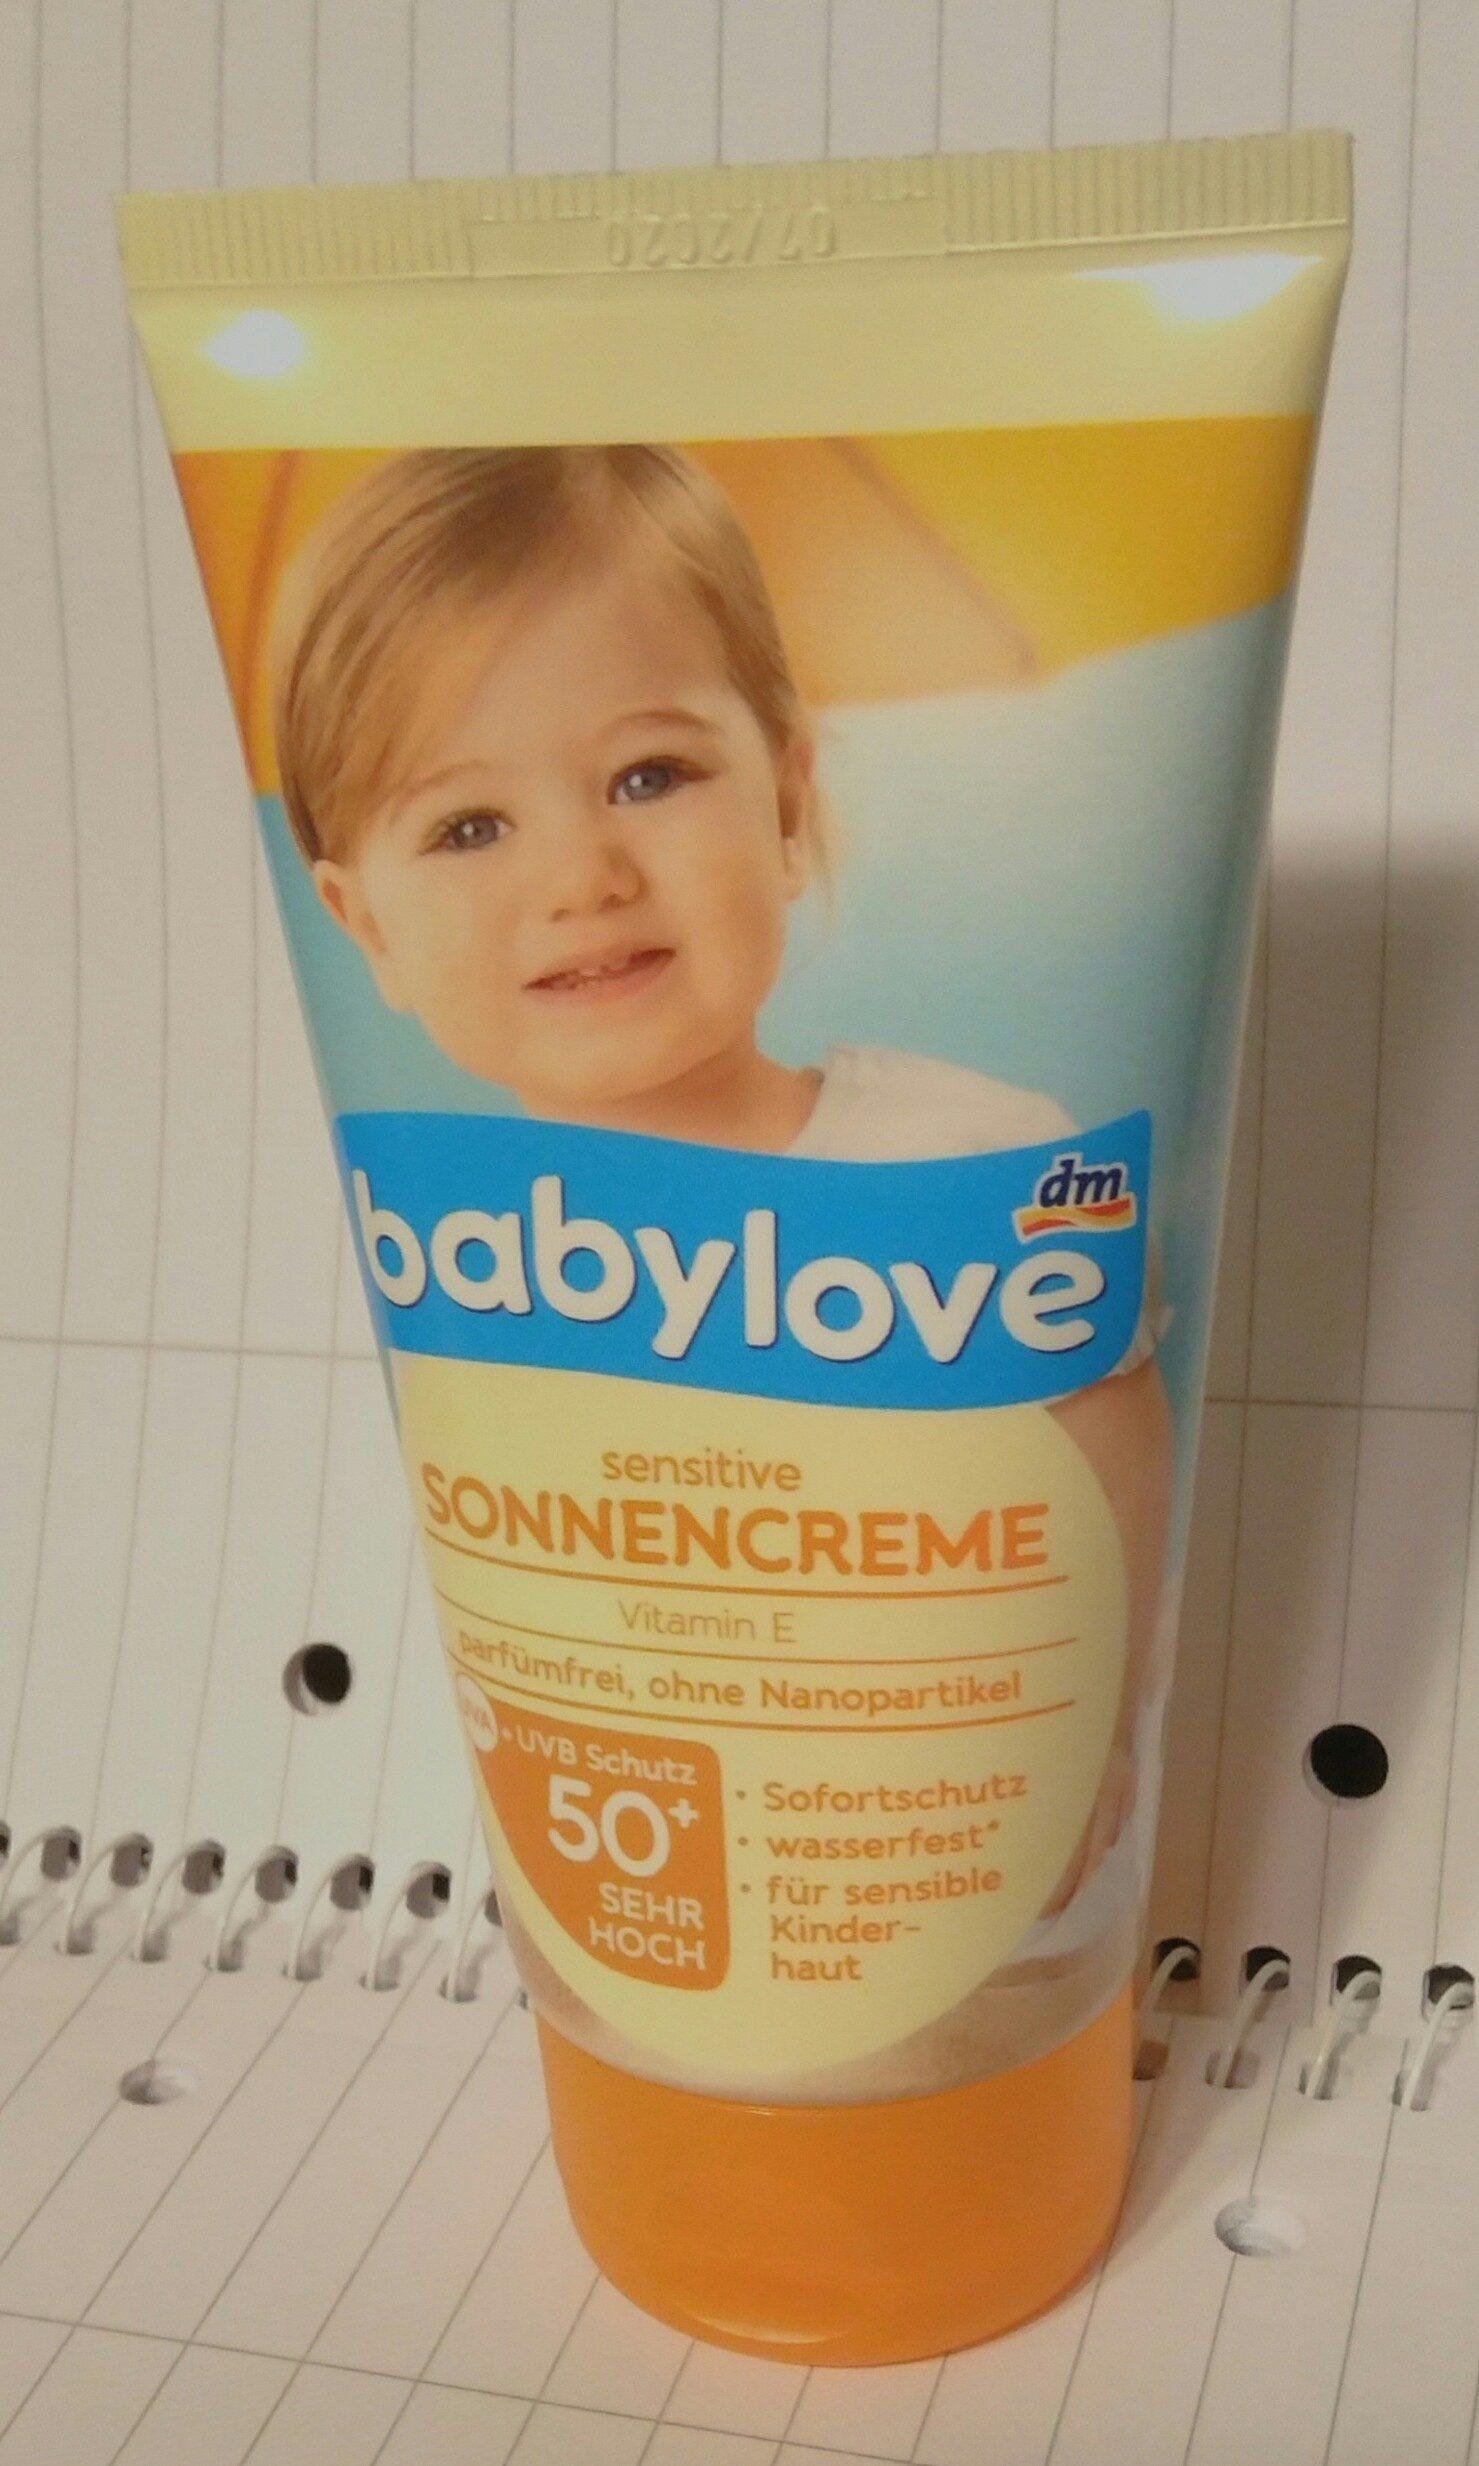 sensitive Sonnencreme - Product